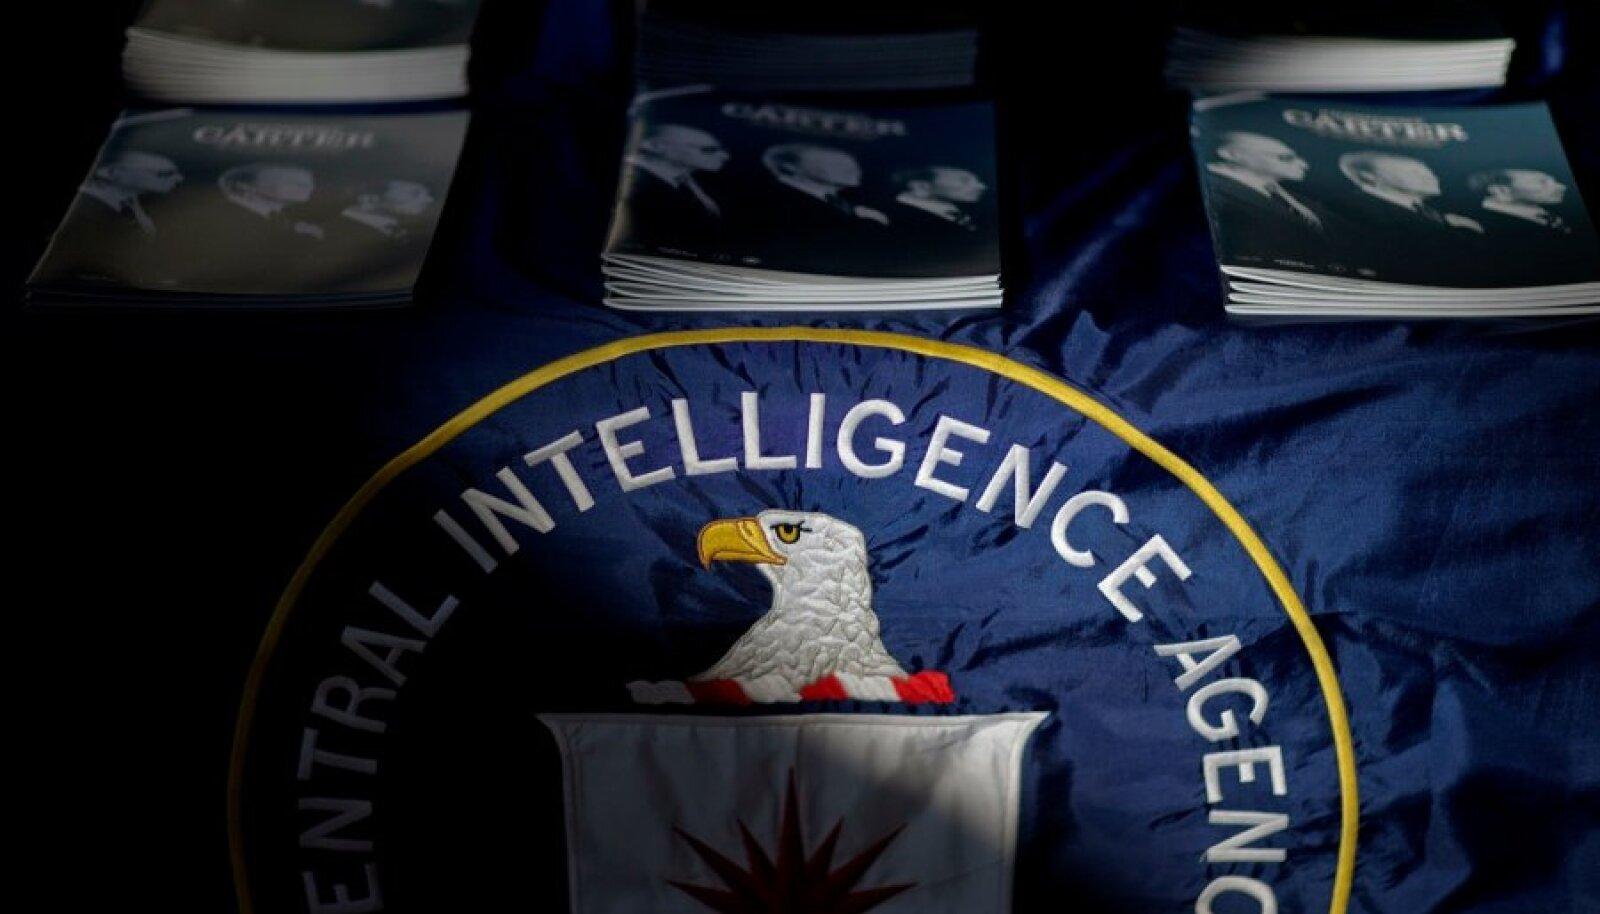 Saksamaal tabatud USA topeltagendi kaasusega on seotud ka CIA